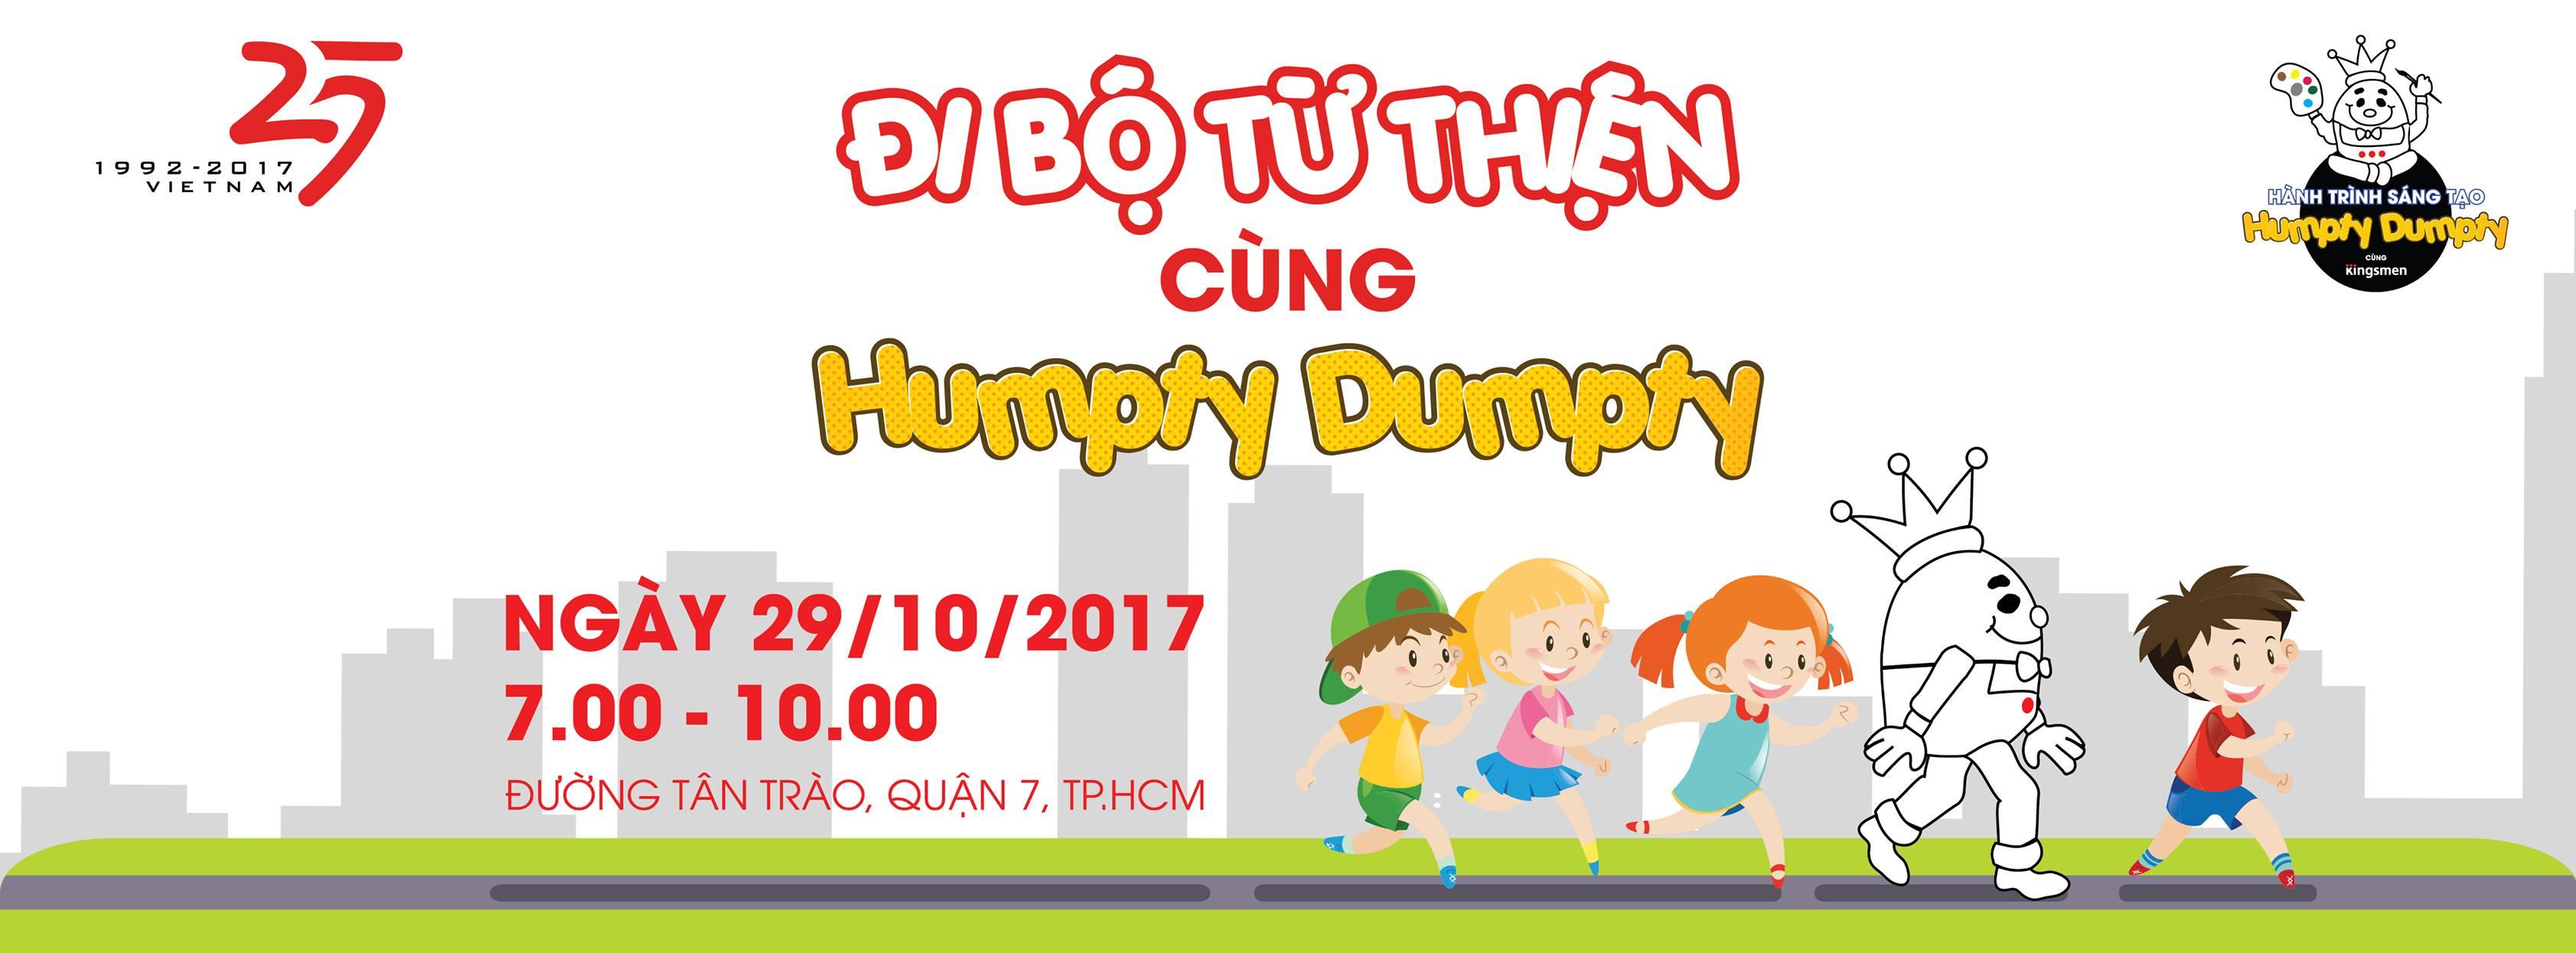 [HCM] Sự Kiện Đi Bộ Từ Thiện Cùng Humpty Dumpty 2017